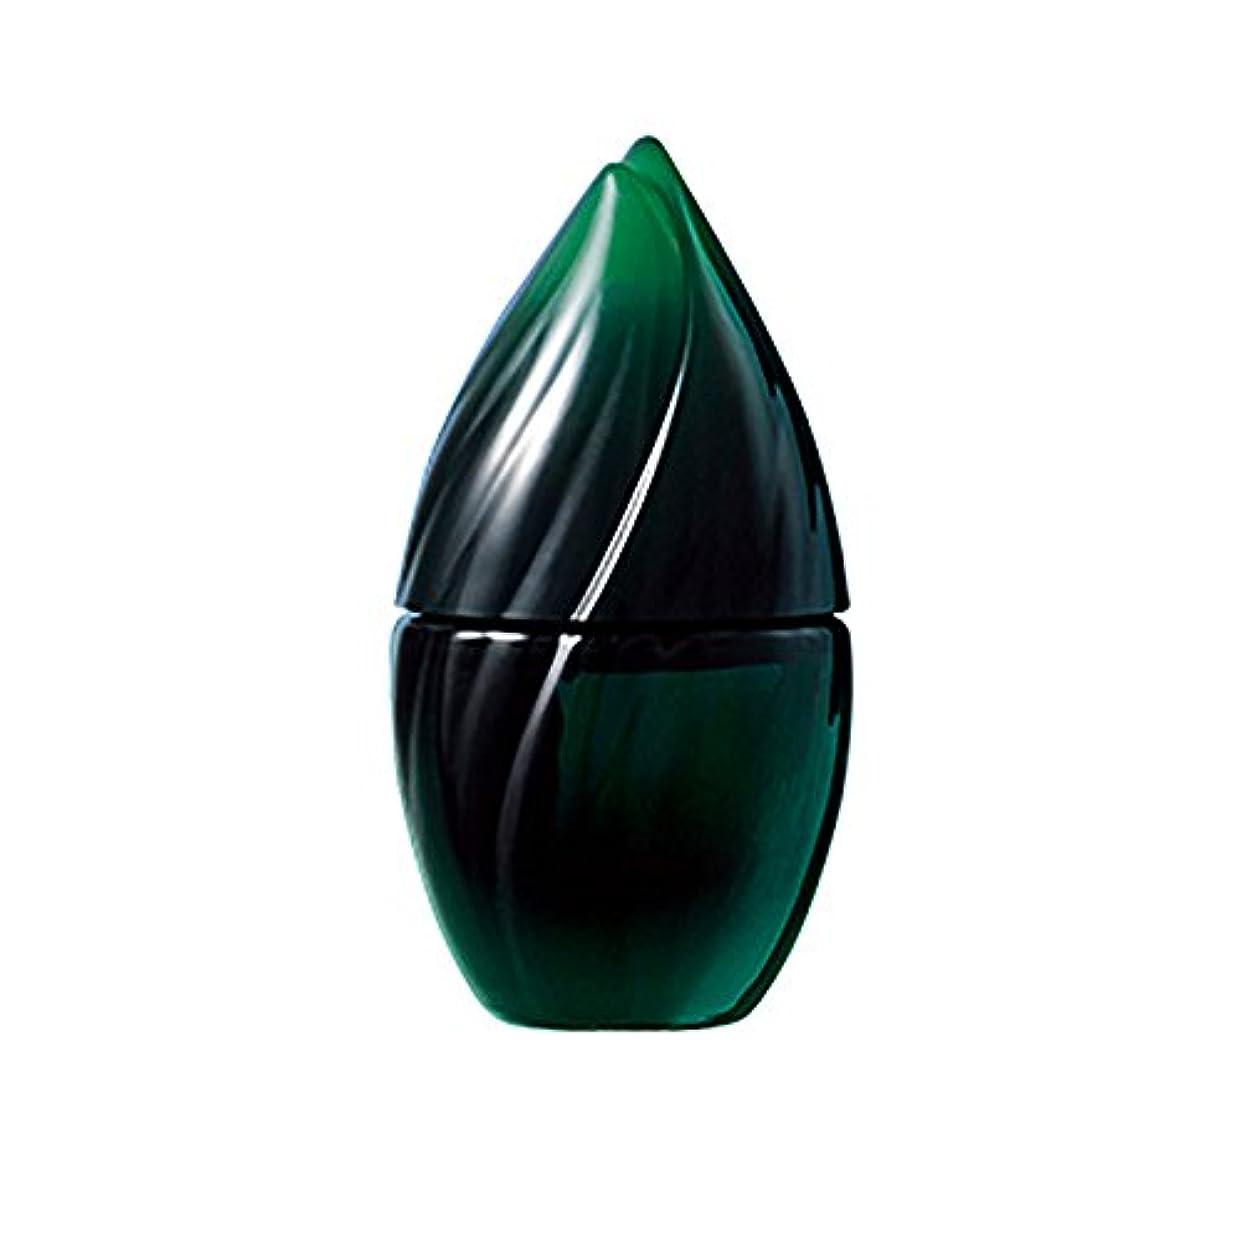 スポンジ怠惰増強するアユーラ (AYURA) ナイトメディテーション (ナチュラルスプレー) 20mL 〈パヒュームコロン〉 深い安らぎ誘うアロマティックハーブの香り